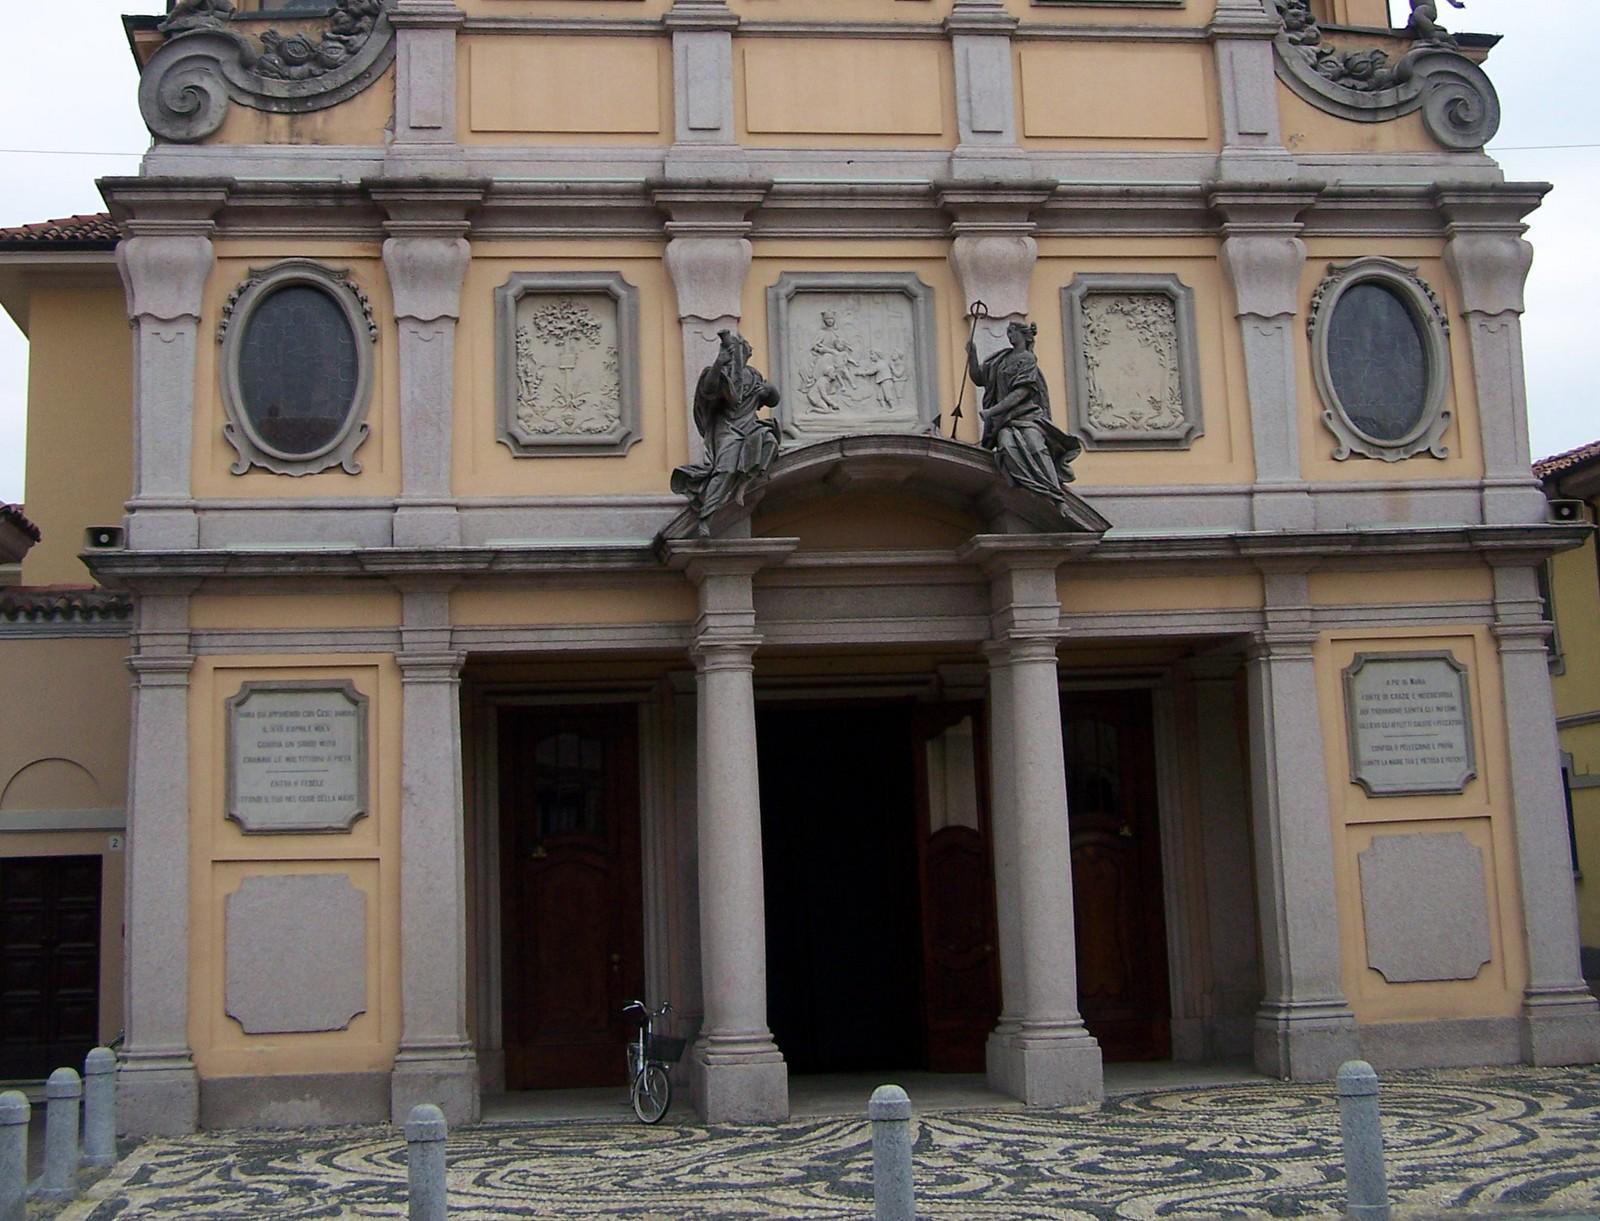 El Niño Jesús Bajó del Cuadro para Jugar: Nuestra Señora de los Milagros de Corbetta, Italia (17 abr)